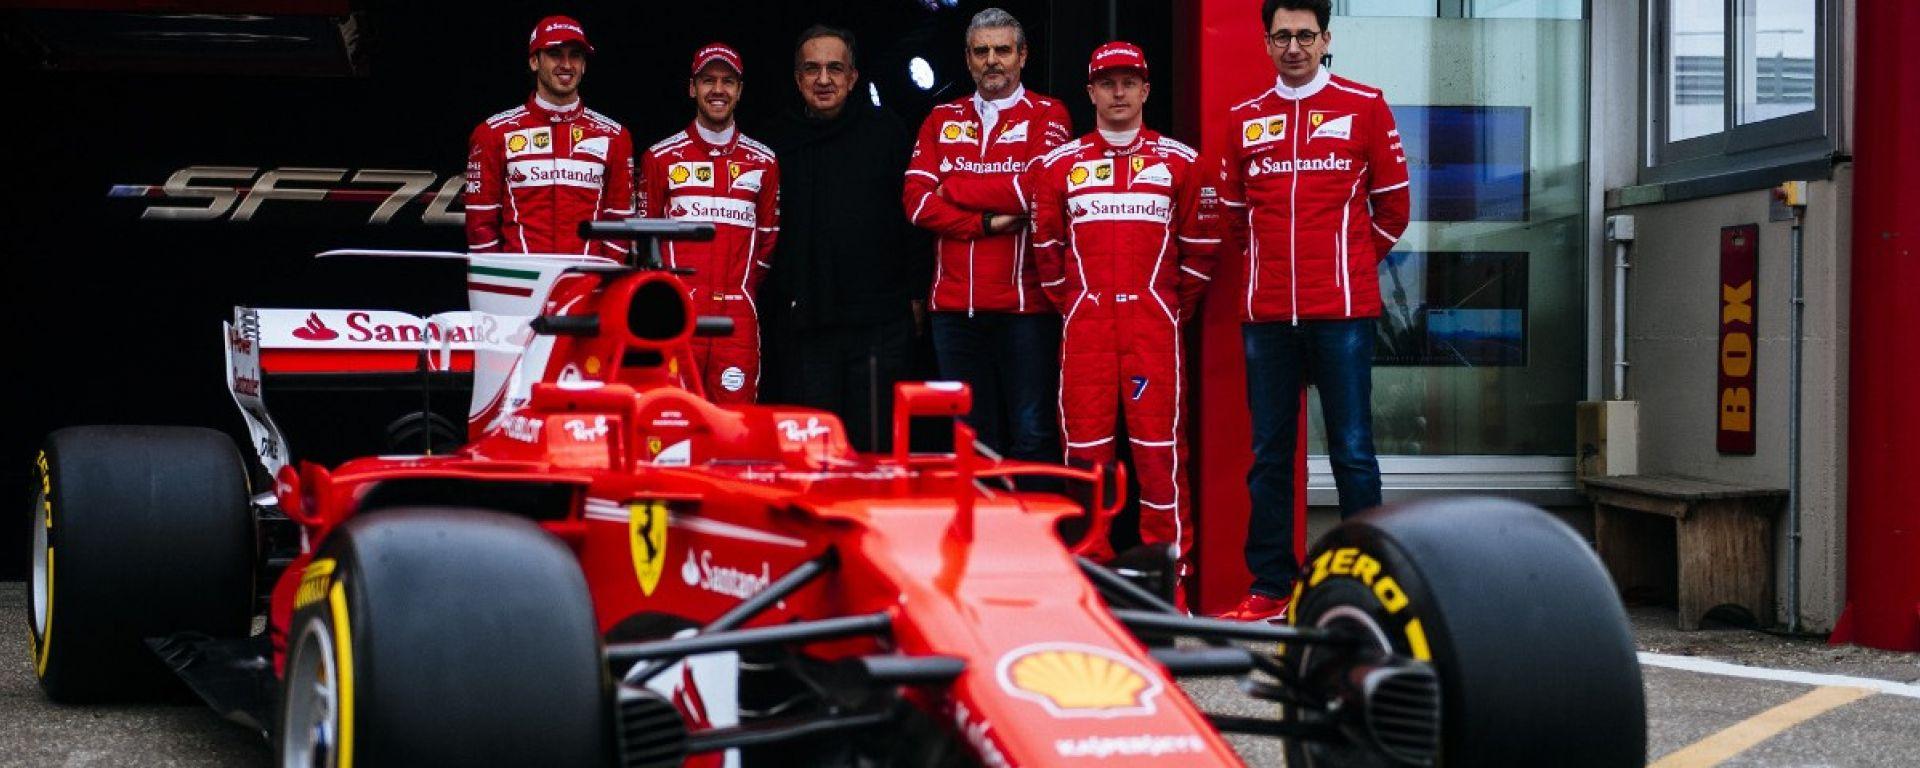 F1 2018: la futura Ferrari 2018 sarà svelata il 22 febbraio - MotorBox